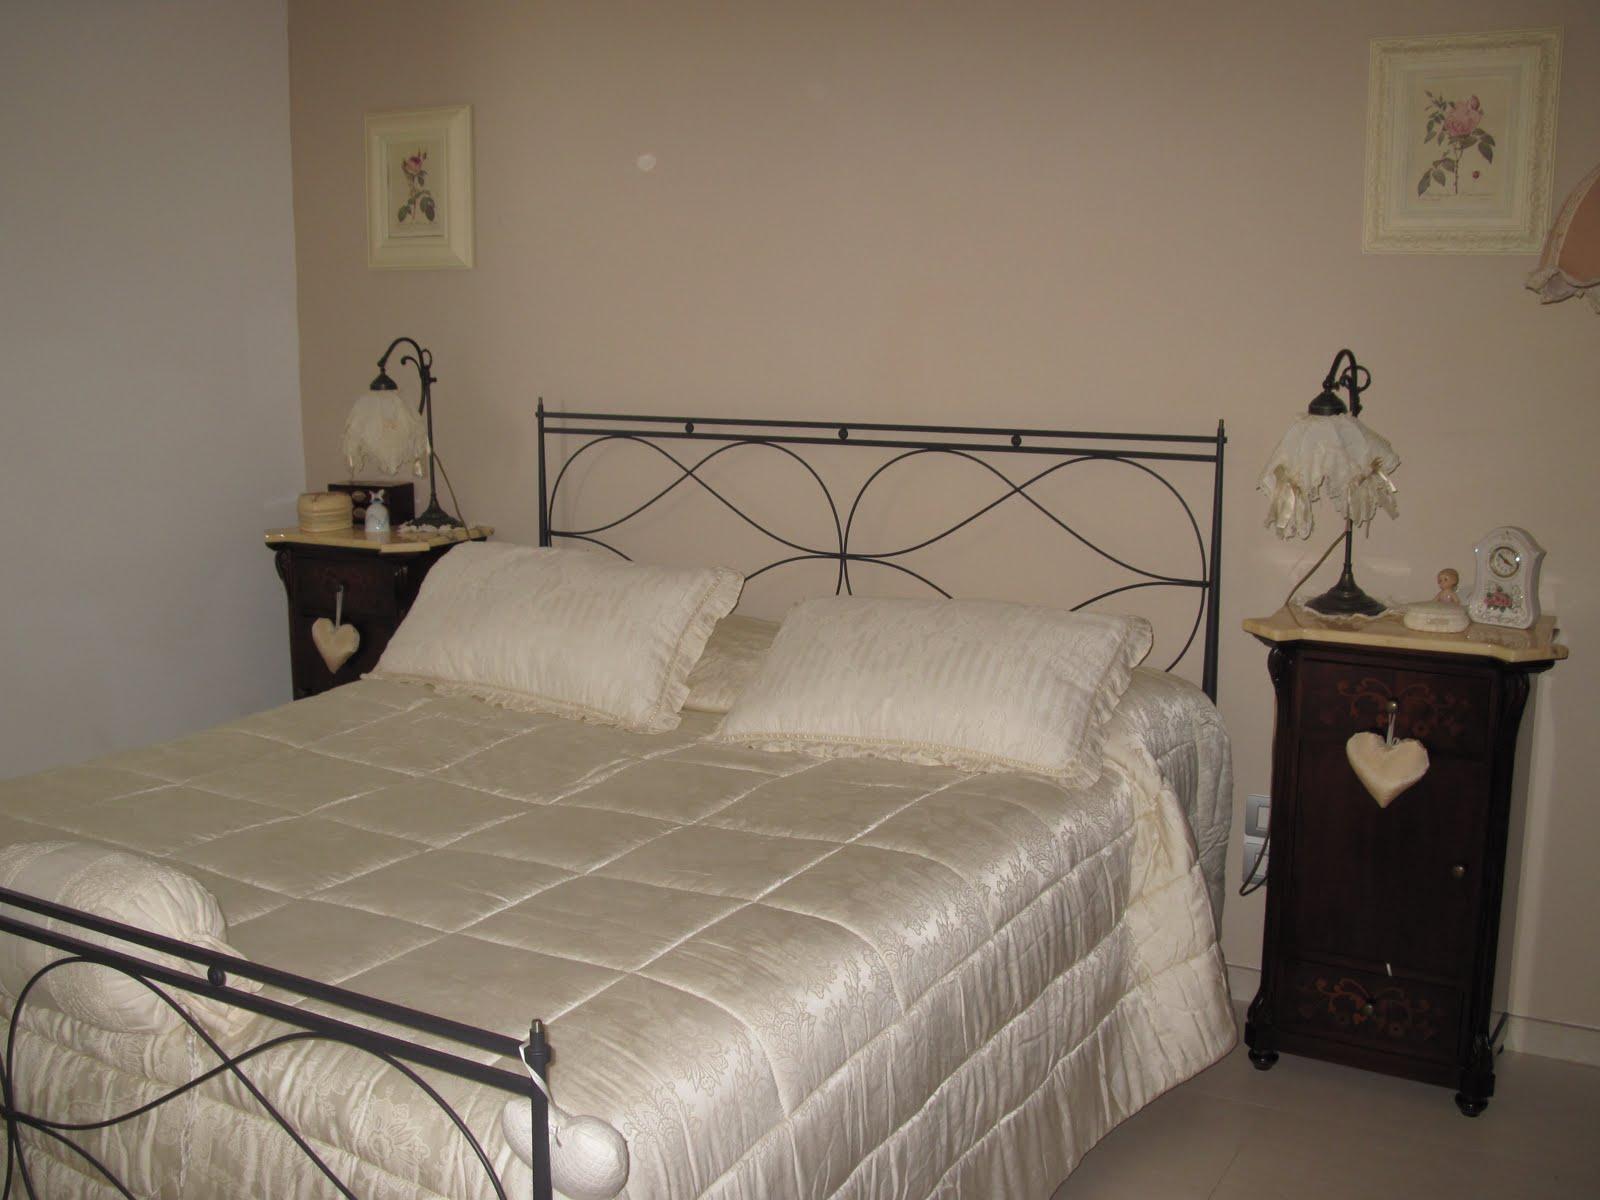 shabby, amore e fantasia: la mia camera da letto - La Mia Camera Da Letto